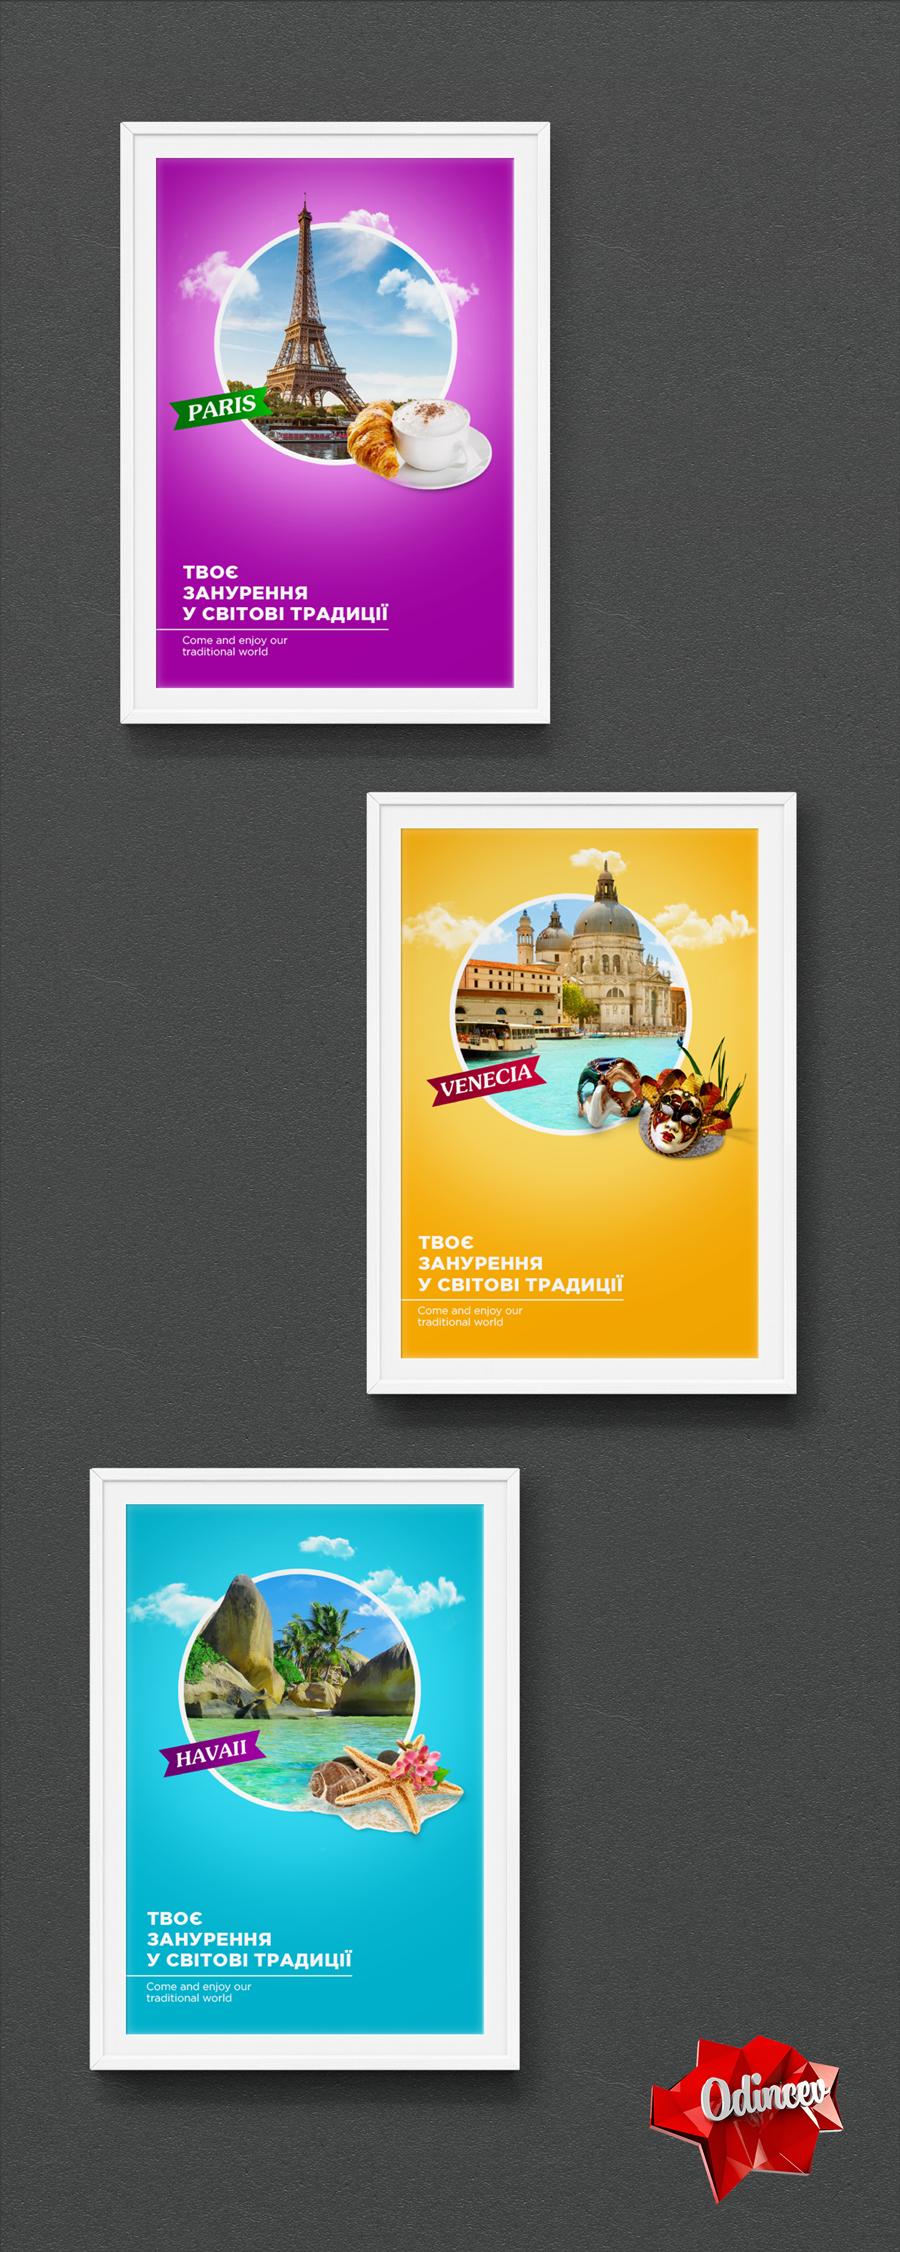 Ключевые визуалы для туристического агентства. Киев